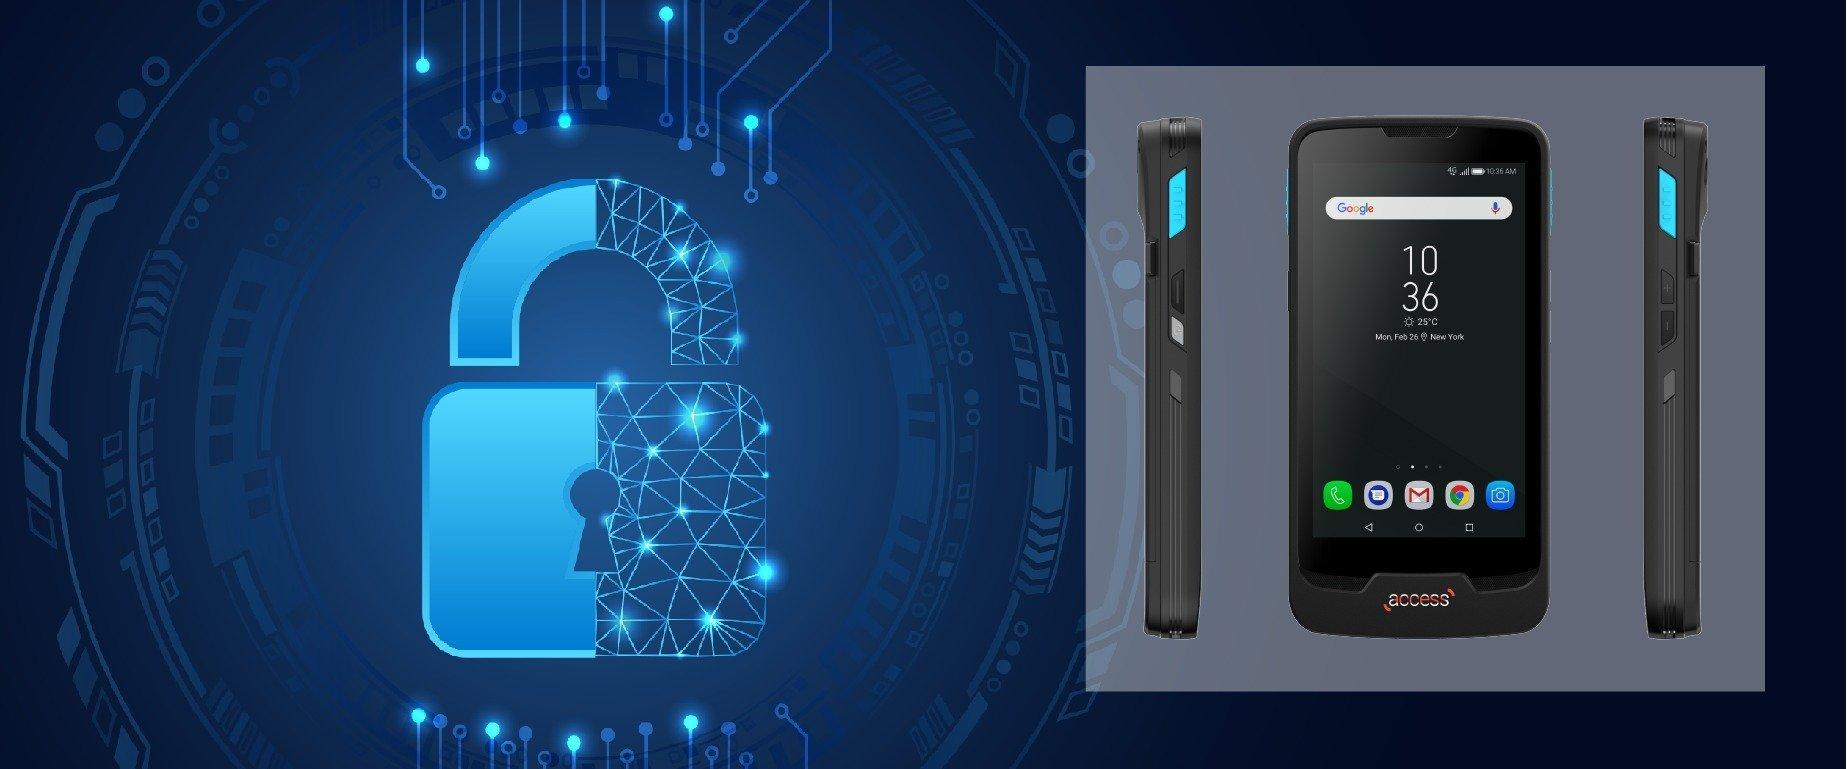 Dernier né de la gamme Coppernic : Access, le terminal ultra-sécurisé.